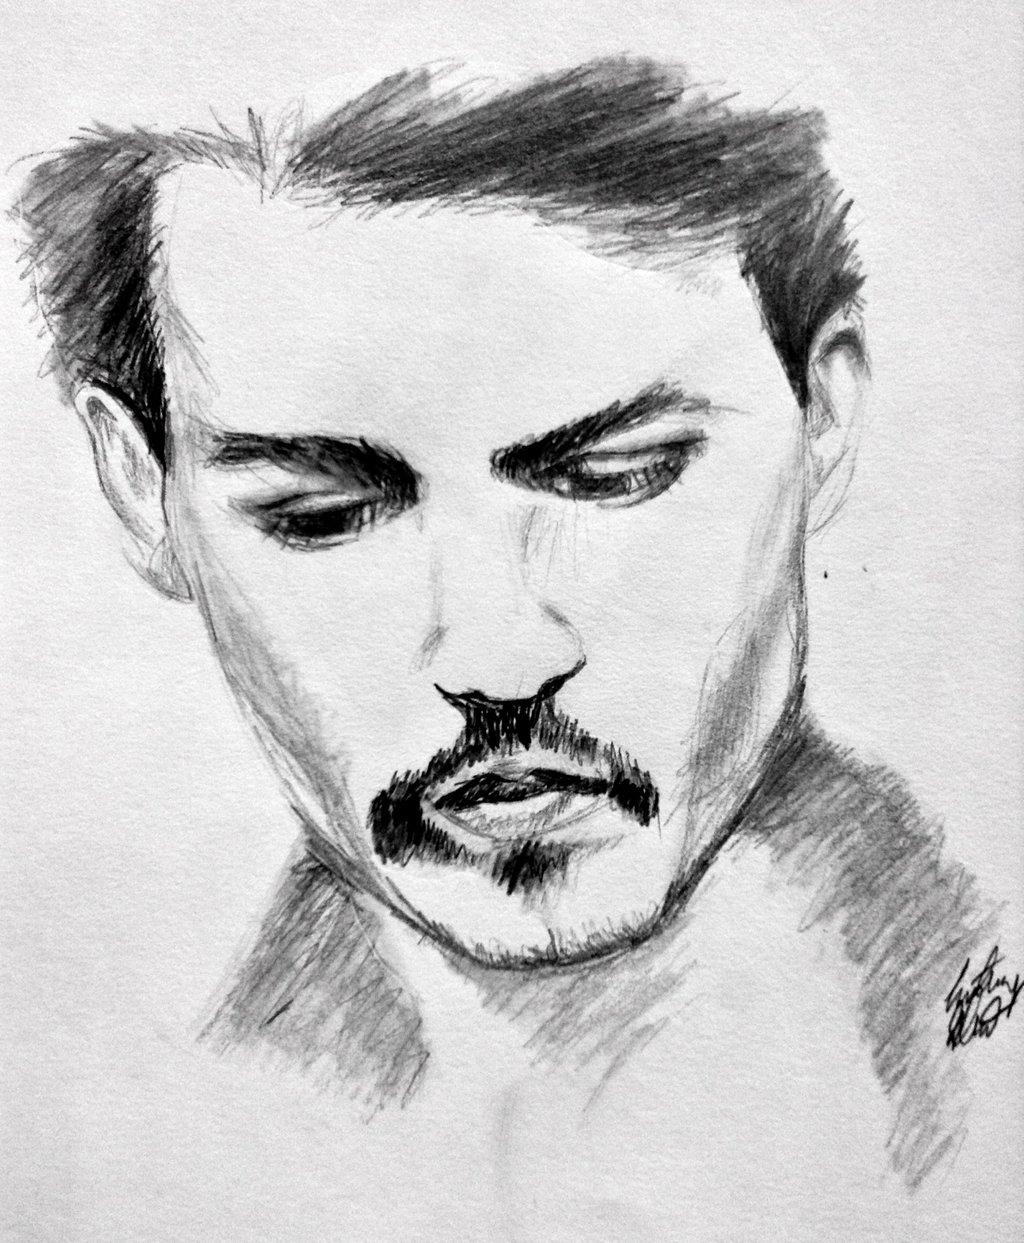 Johnny depp pencil drawing pencil drawings